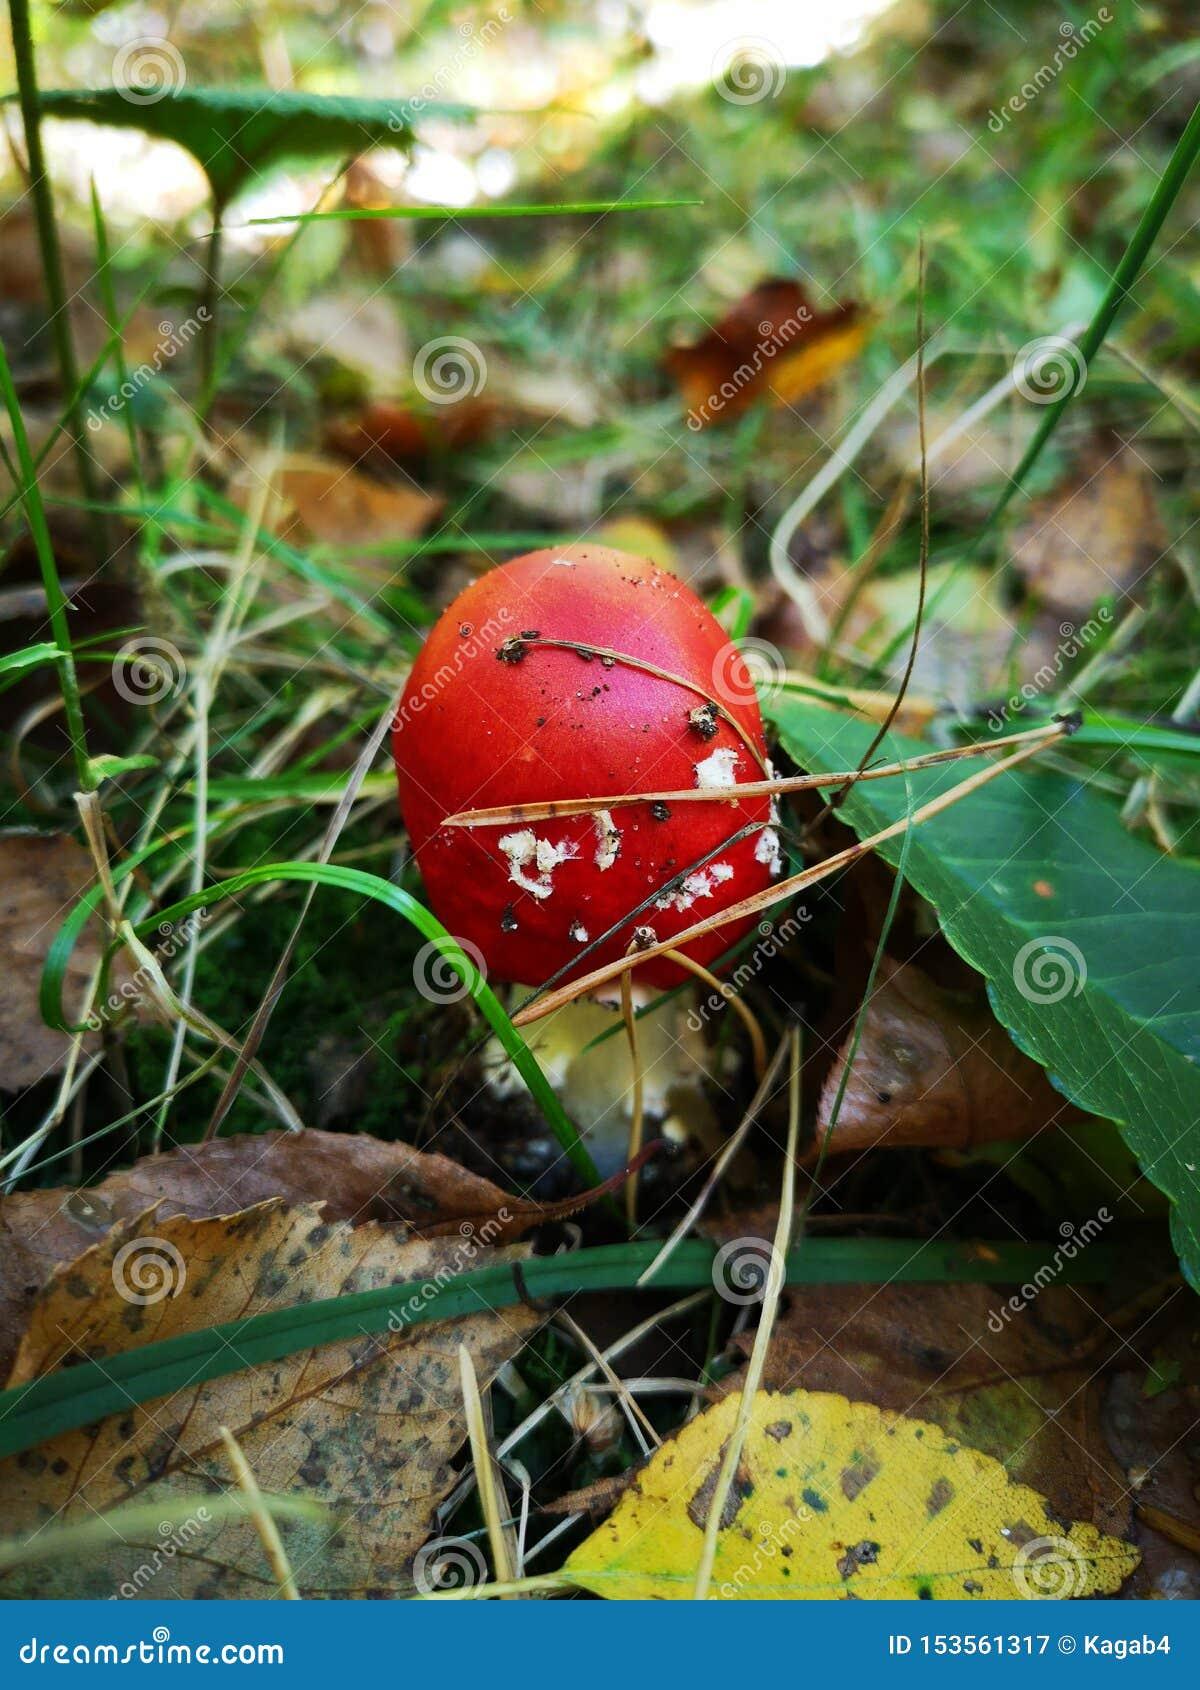 Czerwona komarnicy bedłka, mała Substanci toksycznej pieczarka jesieni? amanita muscaria grzyb?w niebezpiecze?stw Jadowity grzyb